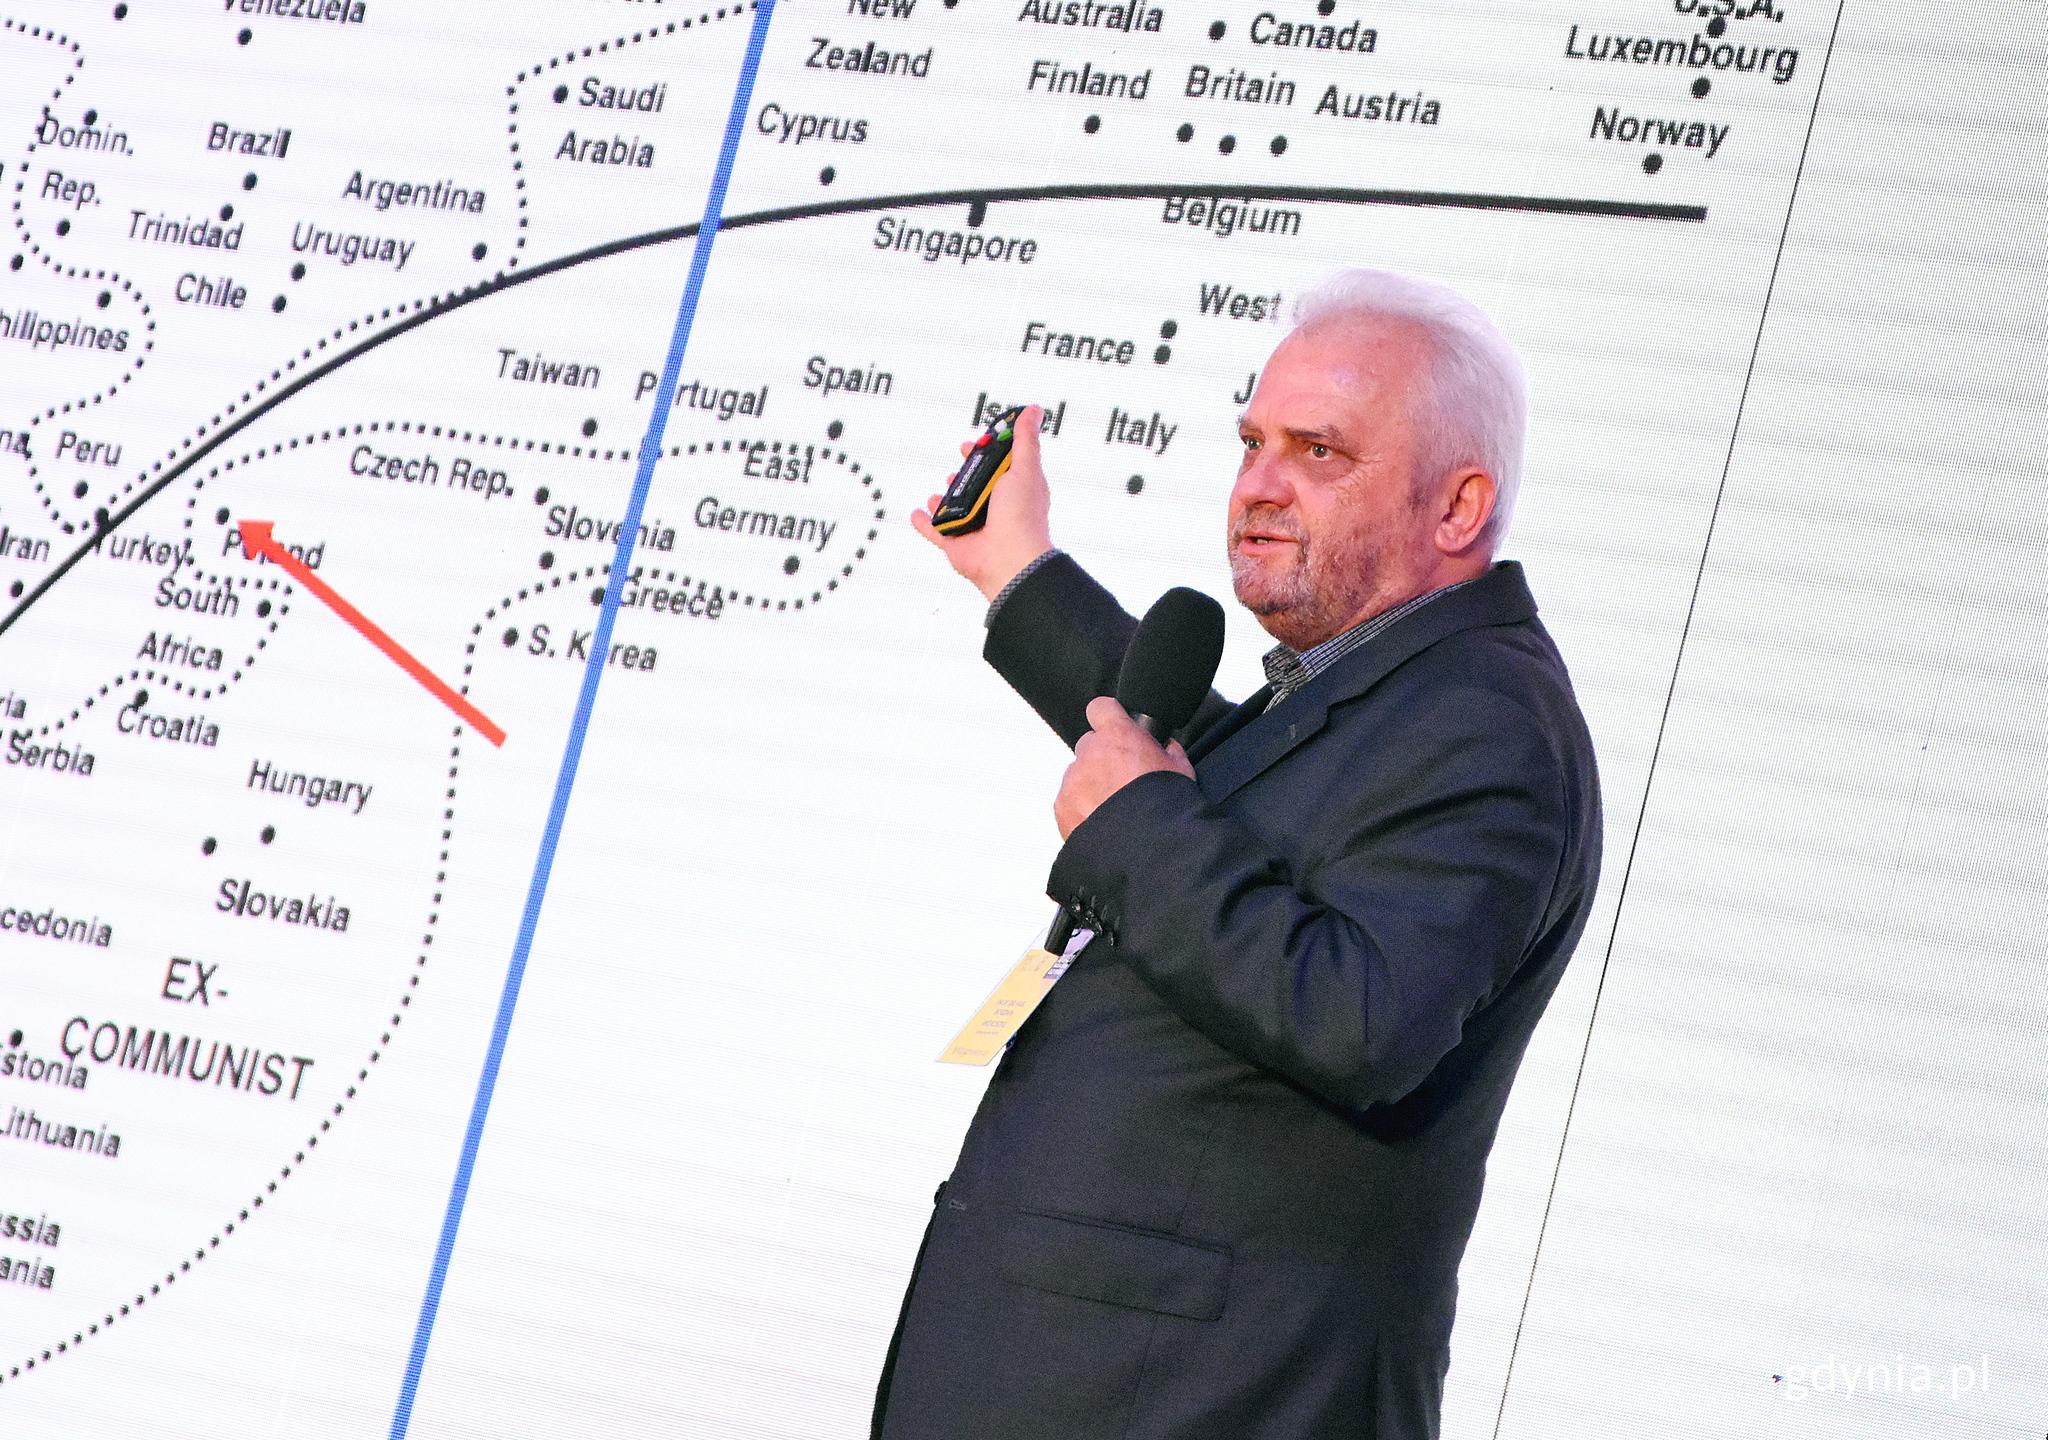 Prelekcja prof. dr hab. Bogdana Wojciszke, fot. Kamil Złoch